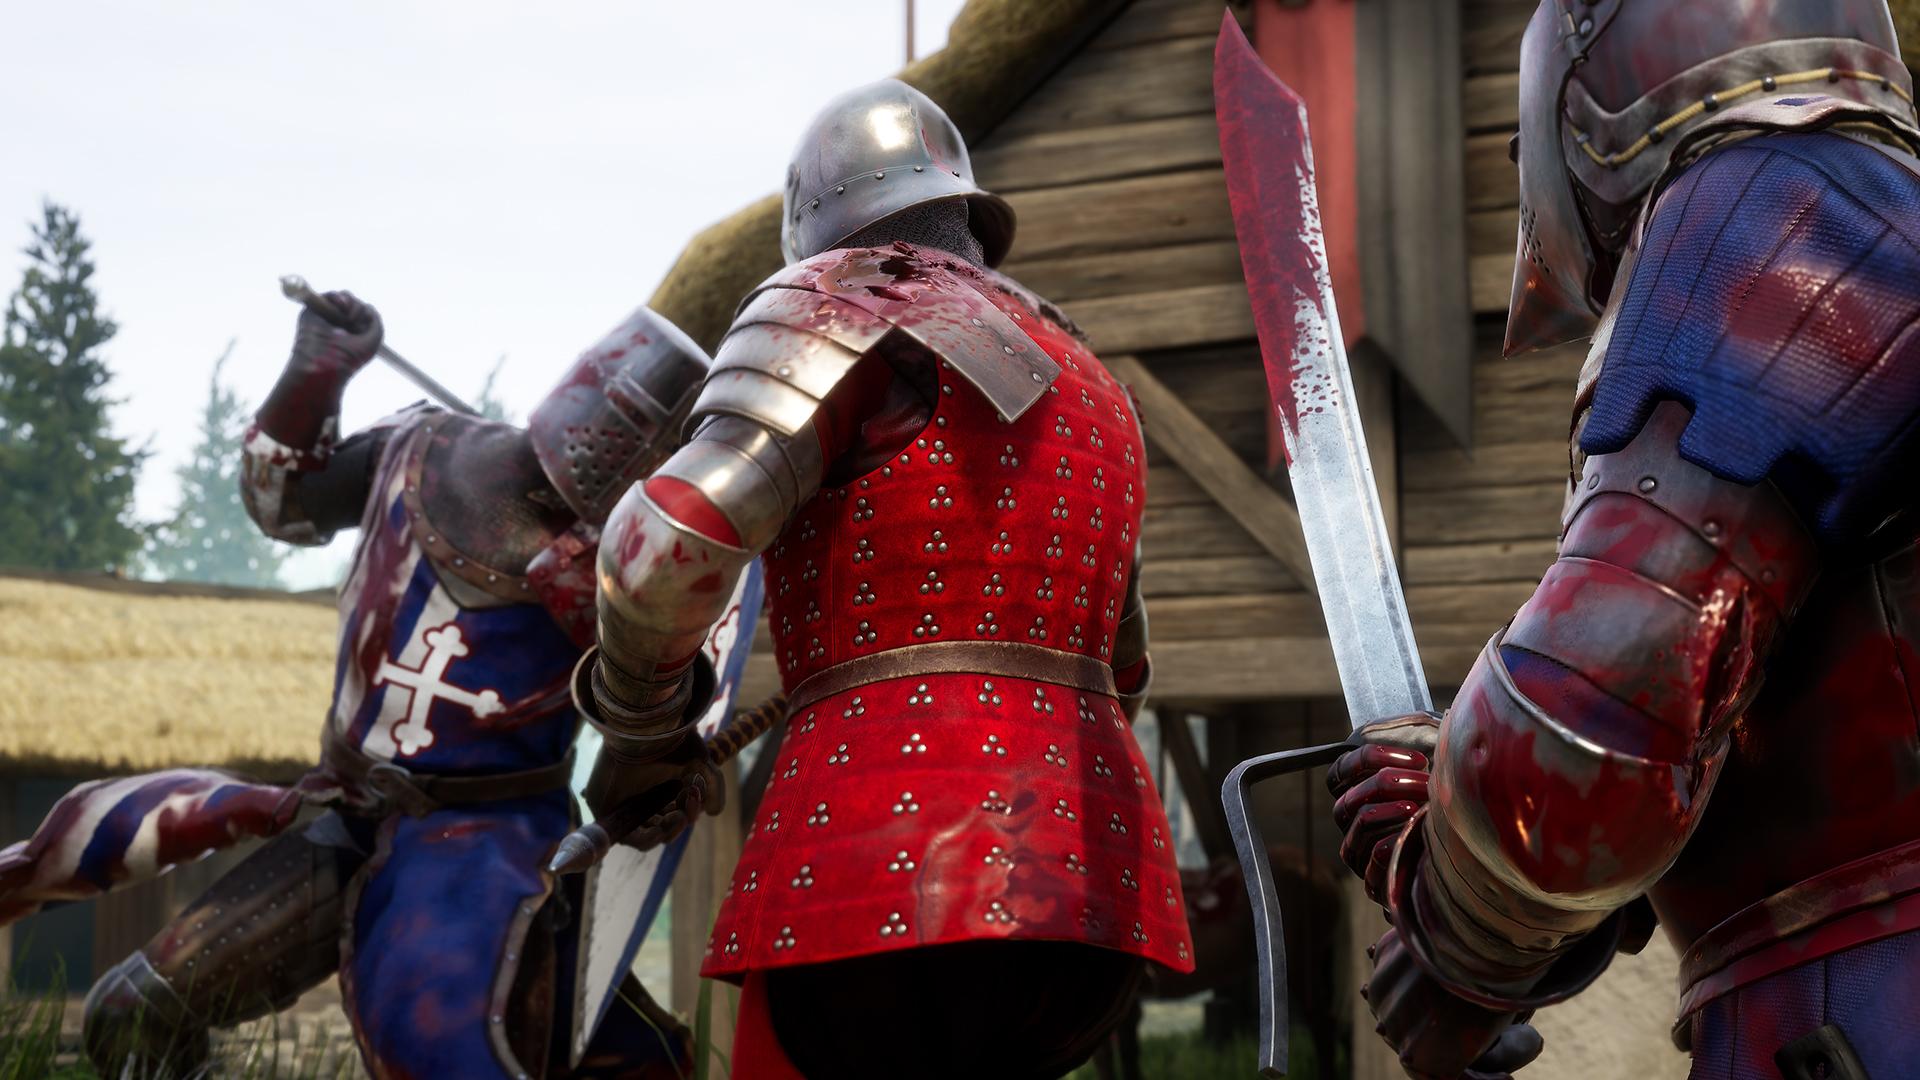 血腥厮杀 中世纪对战游戏《雷霆一击》4月29日发售